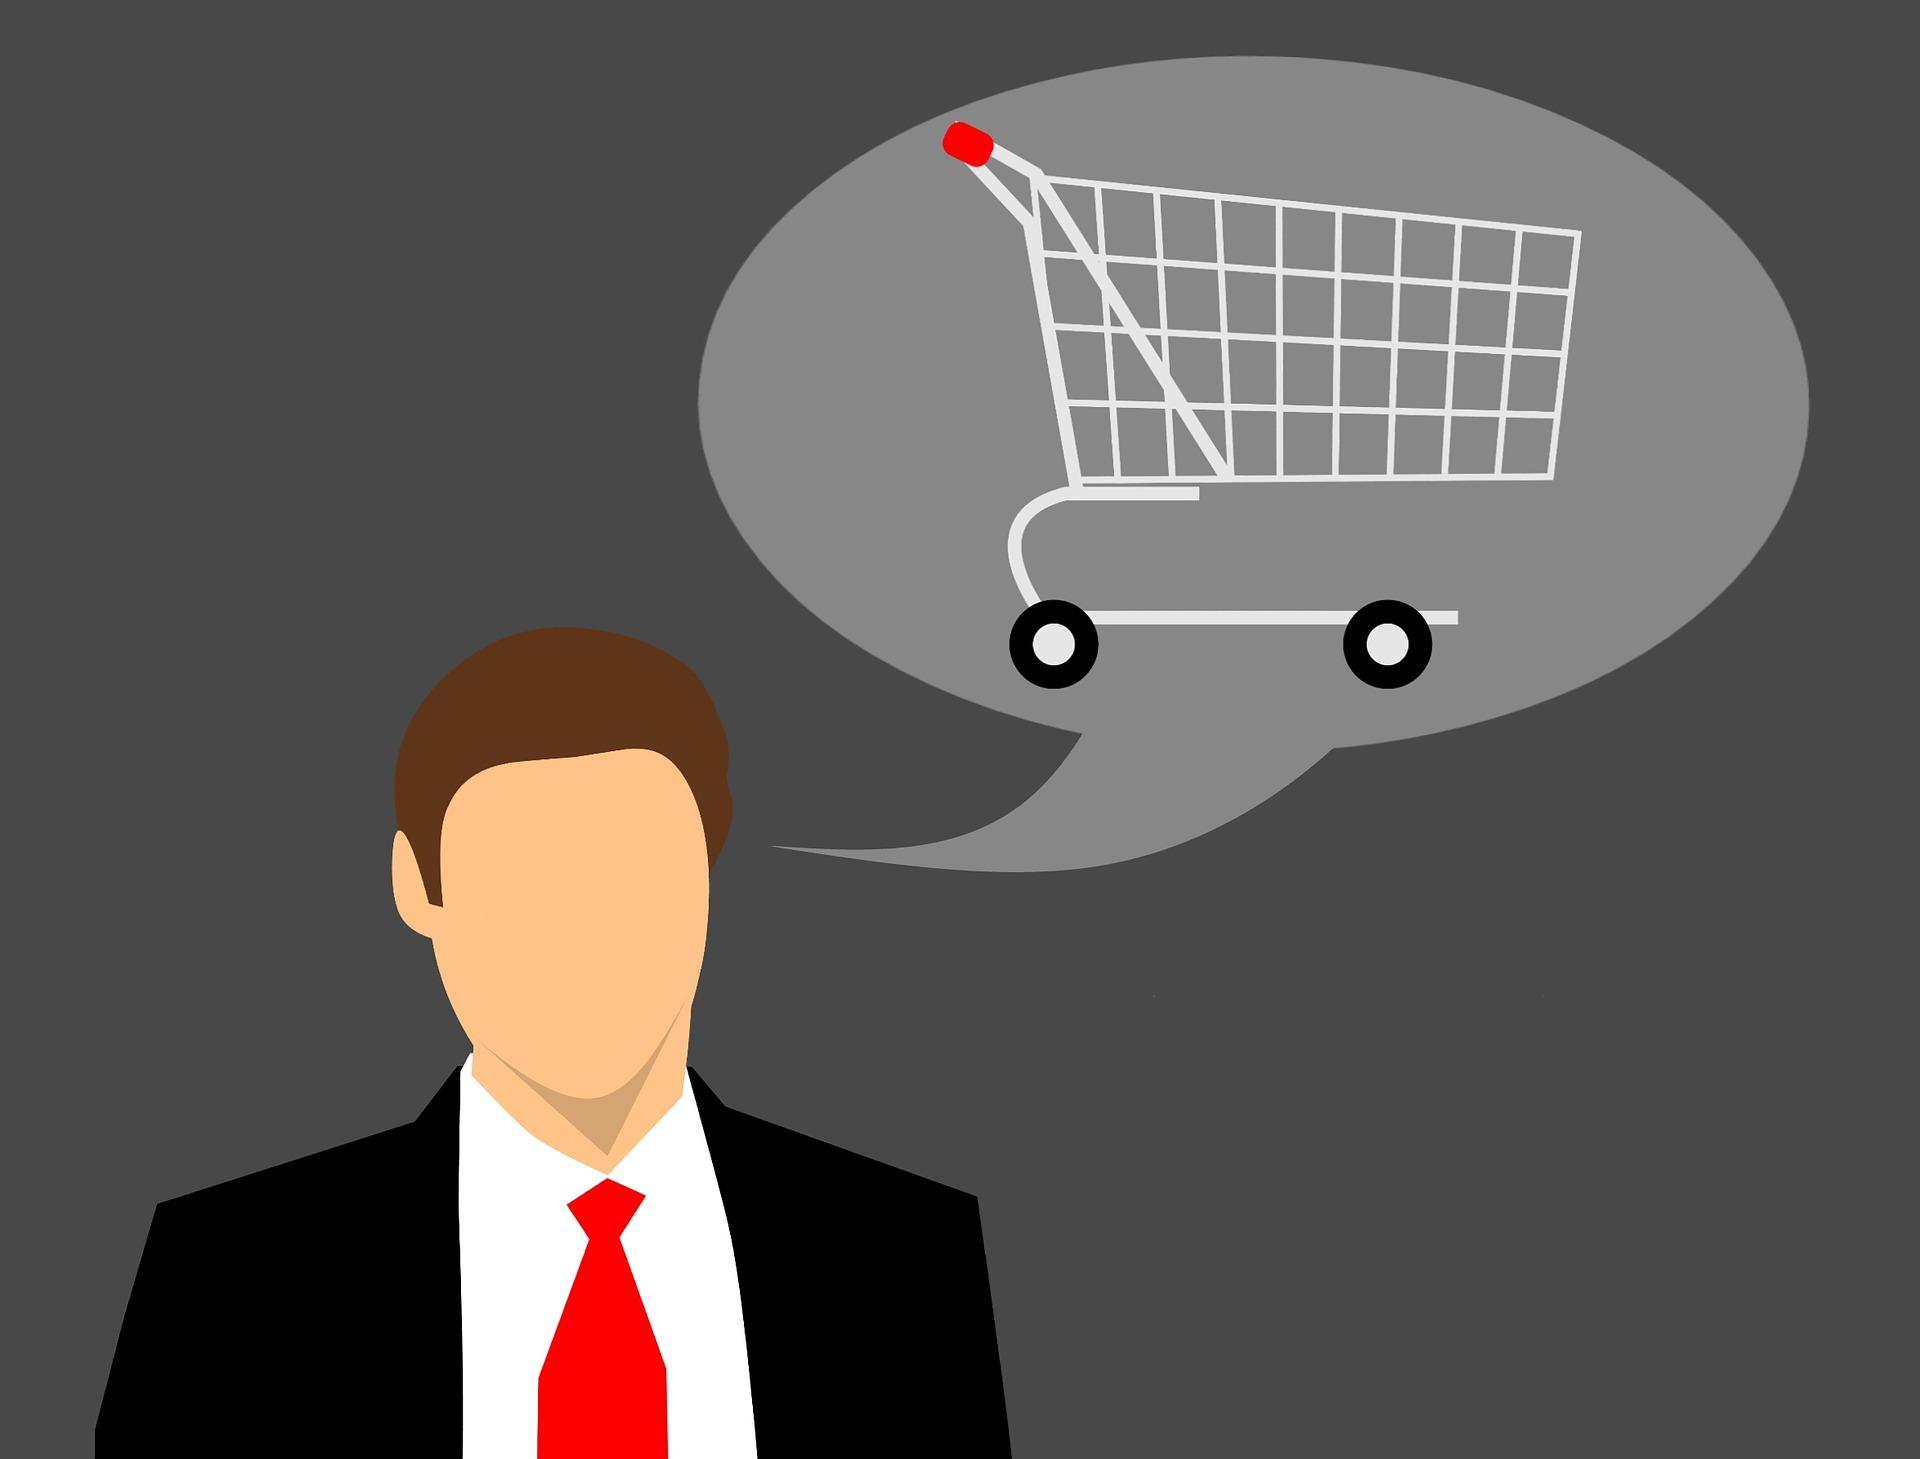 Warum wäre es sinnvoll eine Kappsäge online zu kaufen?